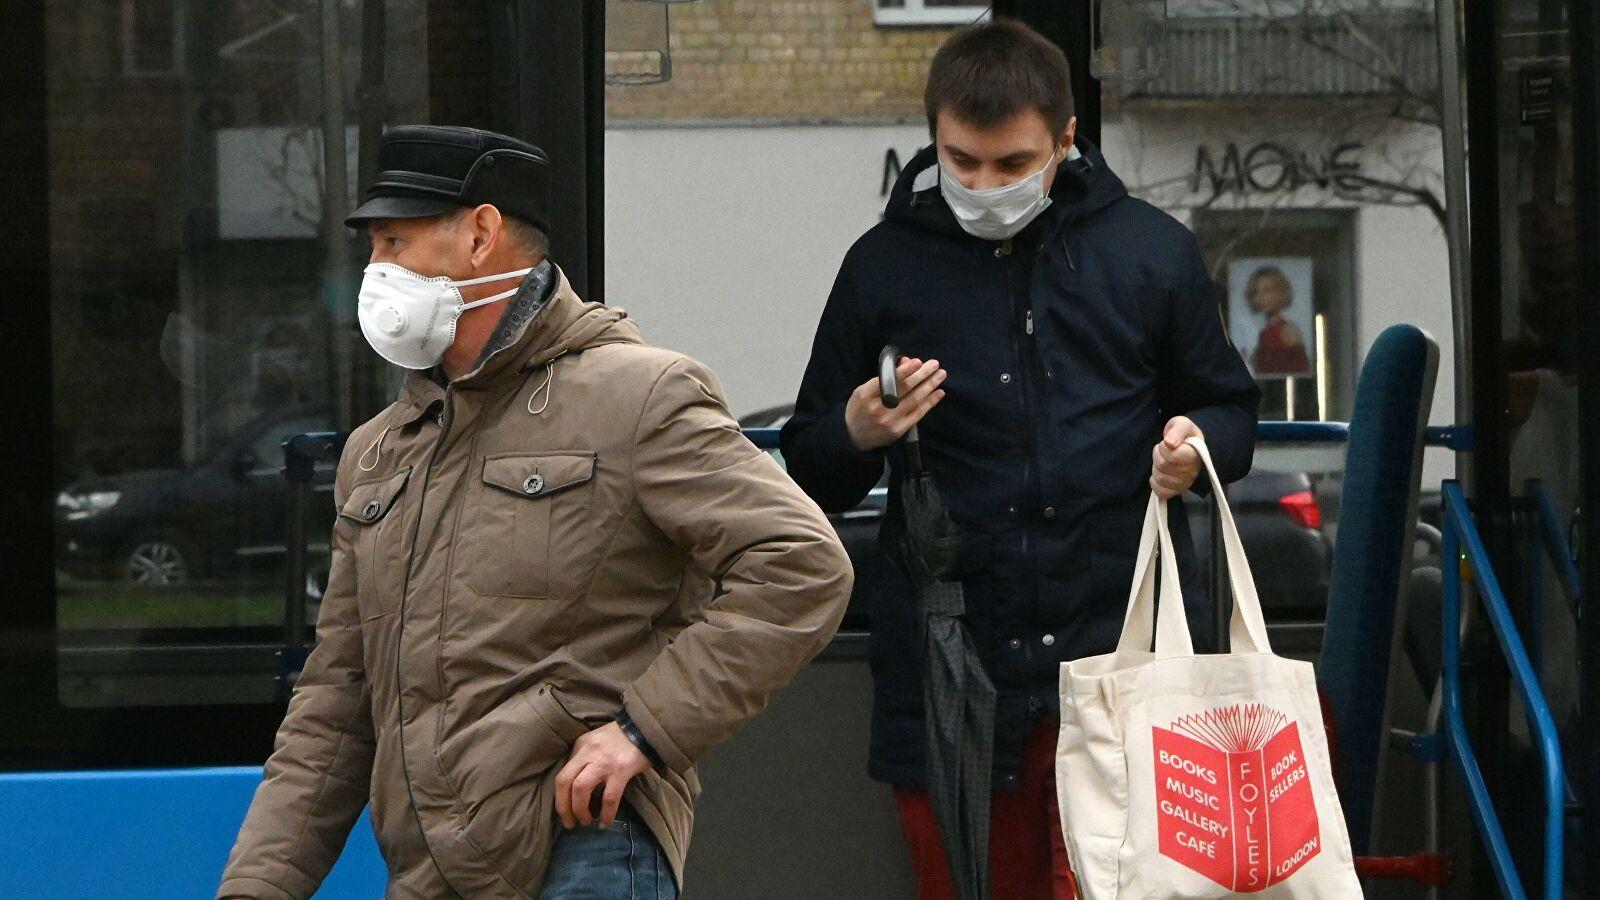 【彩乐园邀请码12340】_俄罗斯宣布新一轮防疫措施:要求在公共场所、电梯等佩戴口罩